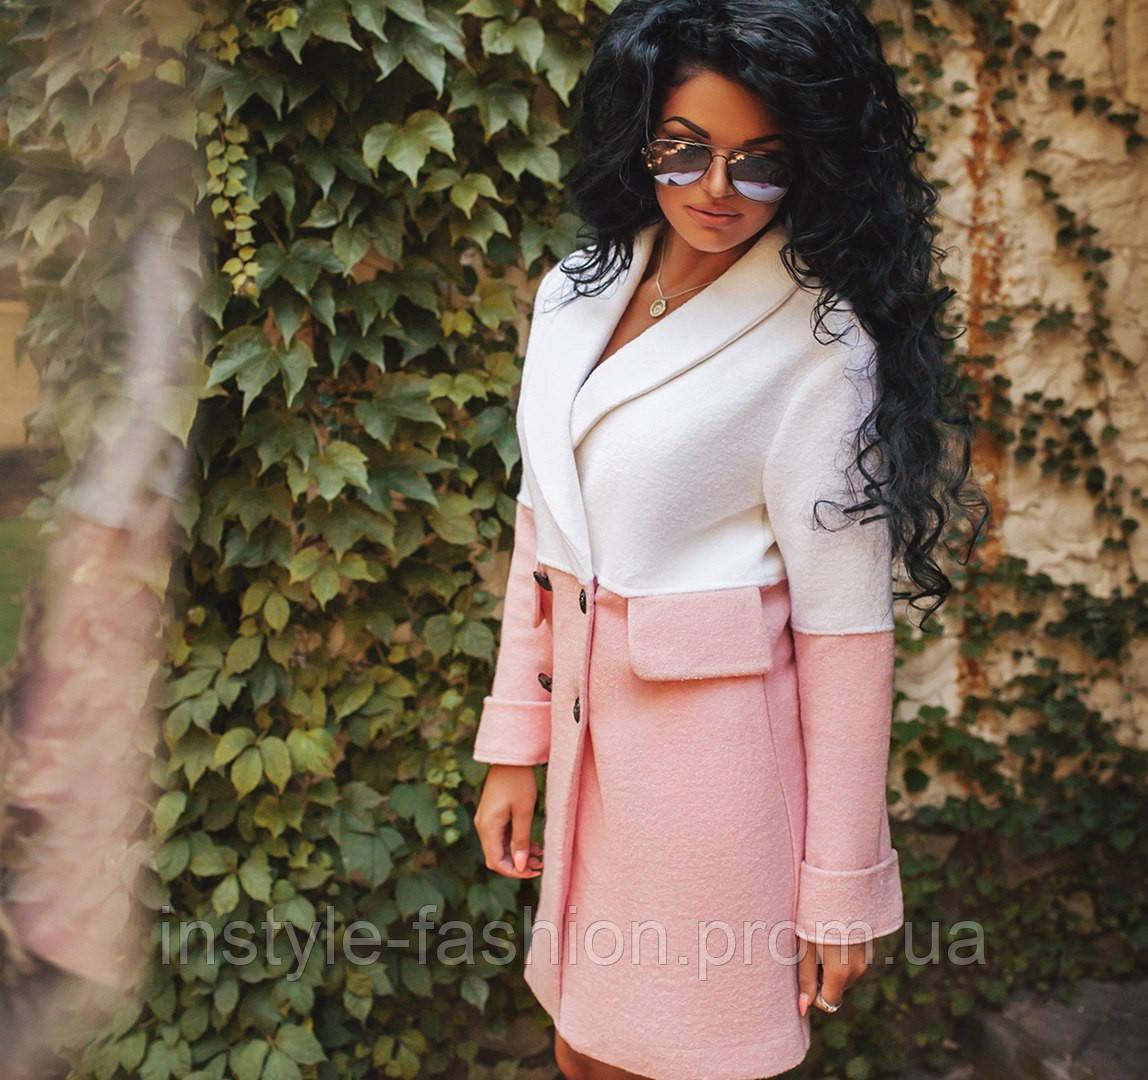 Стильное пальто- накидка из букле цвет молочный с розовым